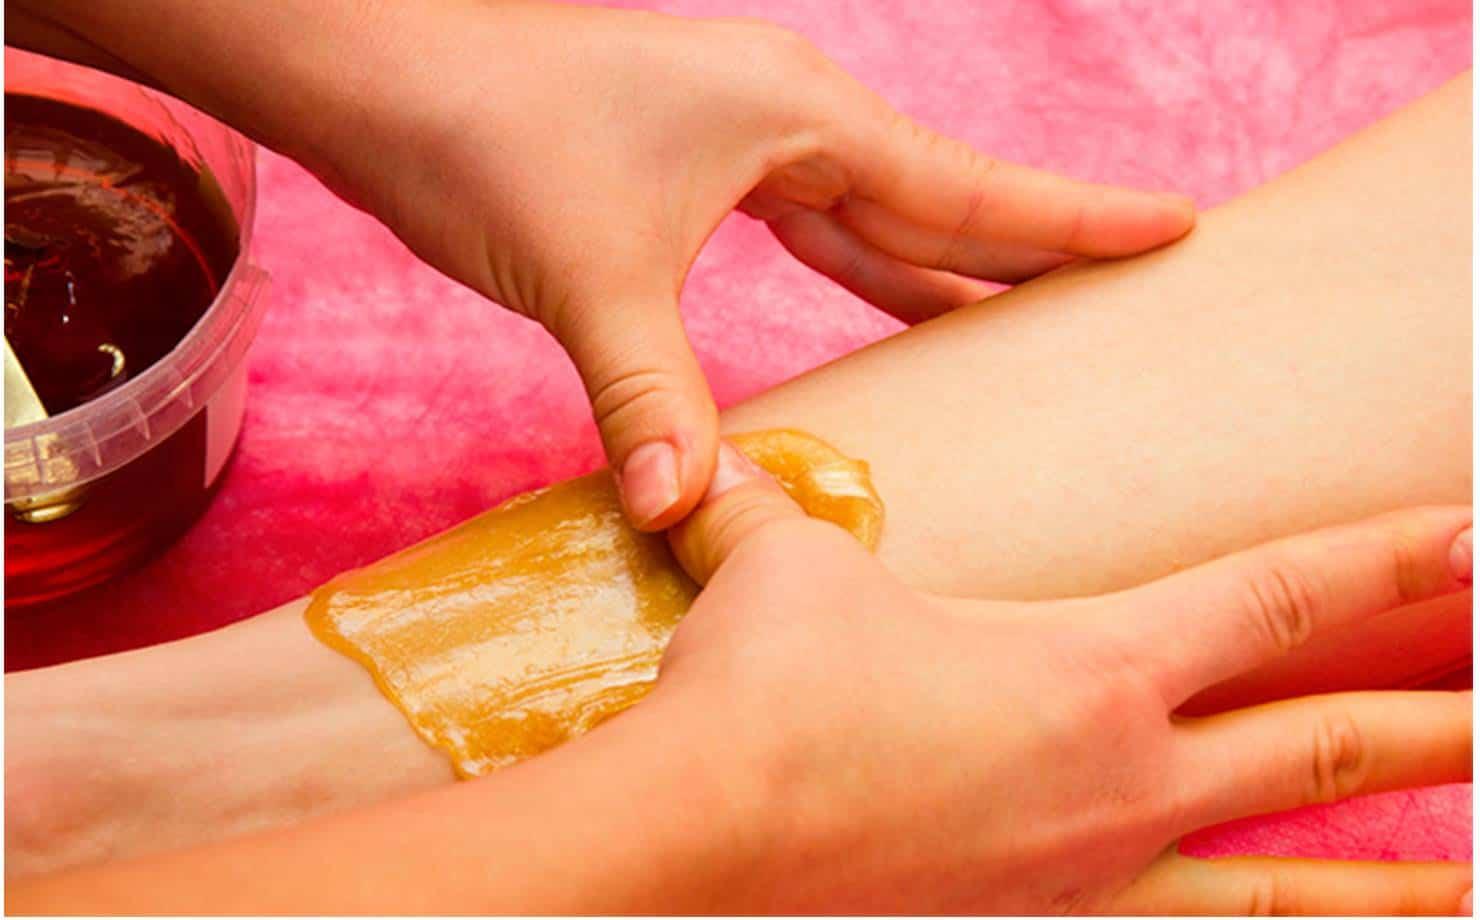 Depilação caseira e natural com açúcar para peles sensíveis